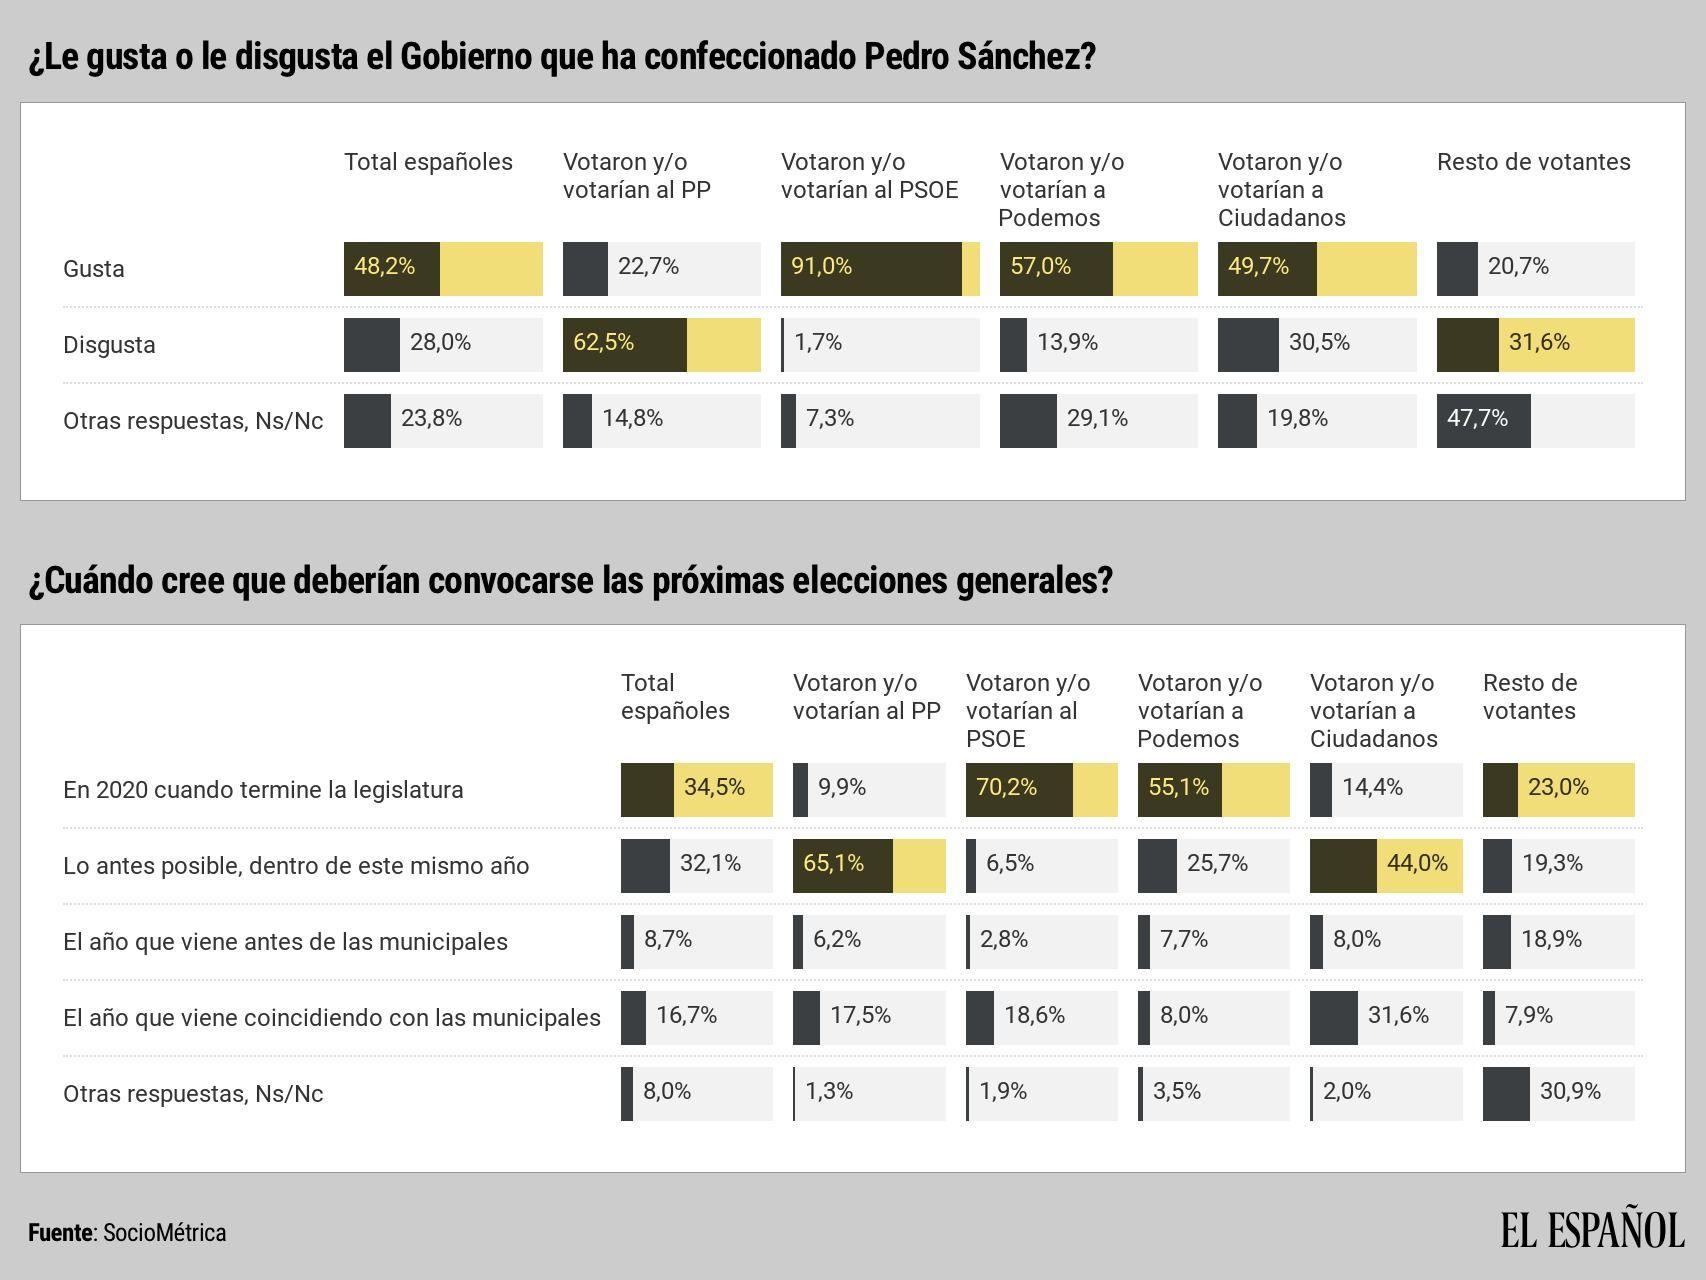 Jun18. Moción de censura y primer gobierno Sánchez